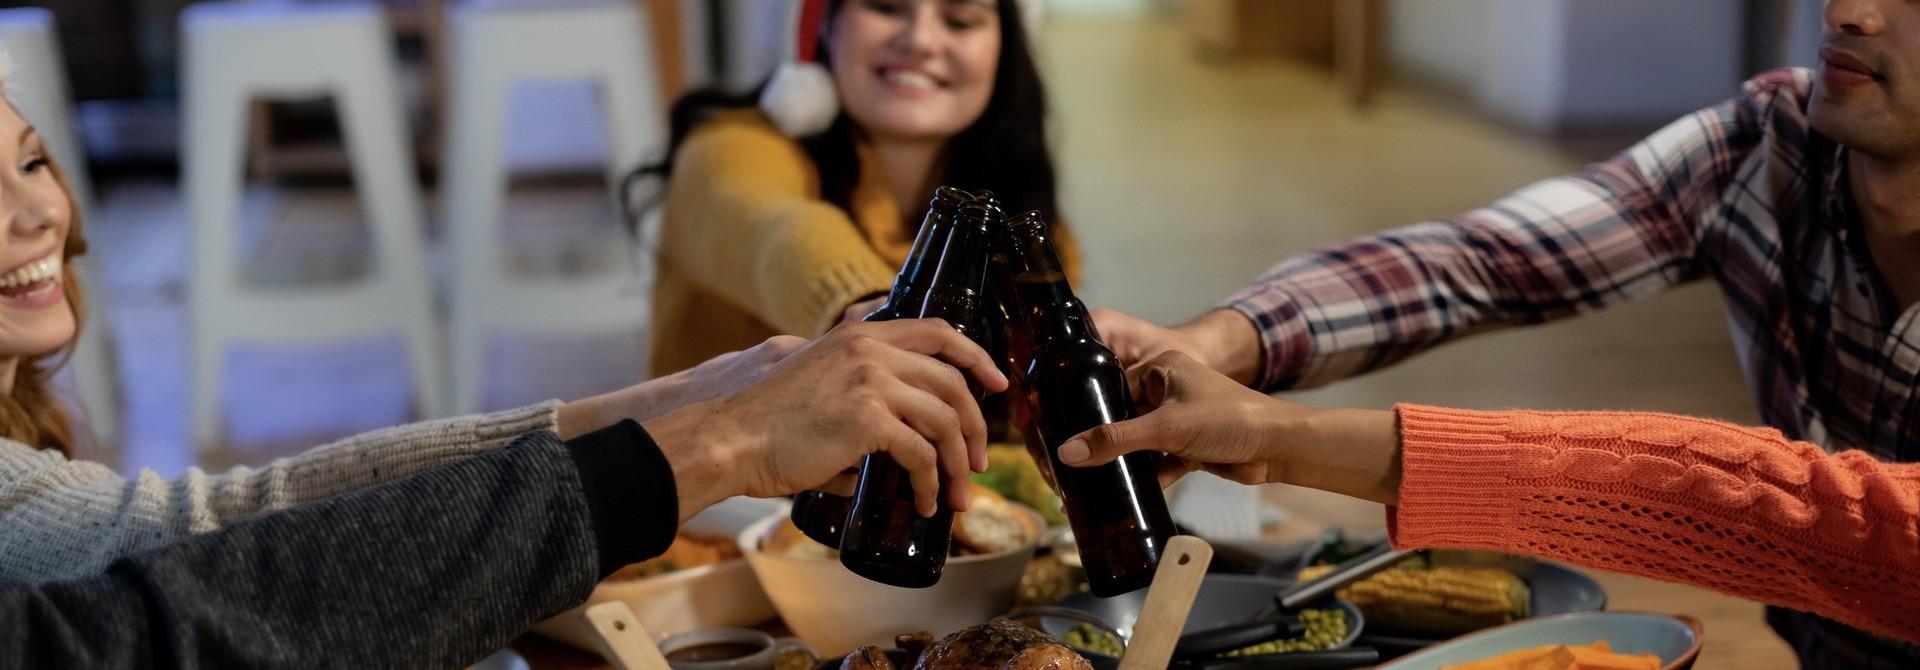 Bier met kerst?